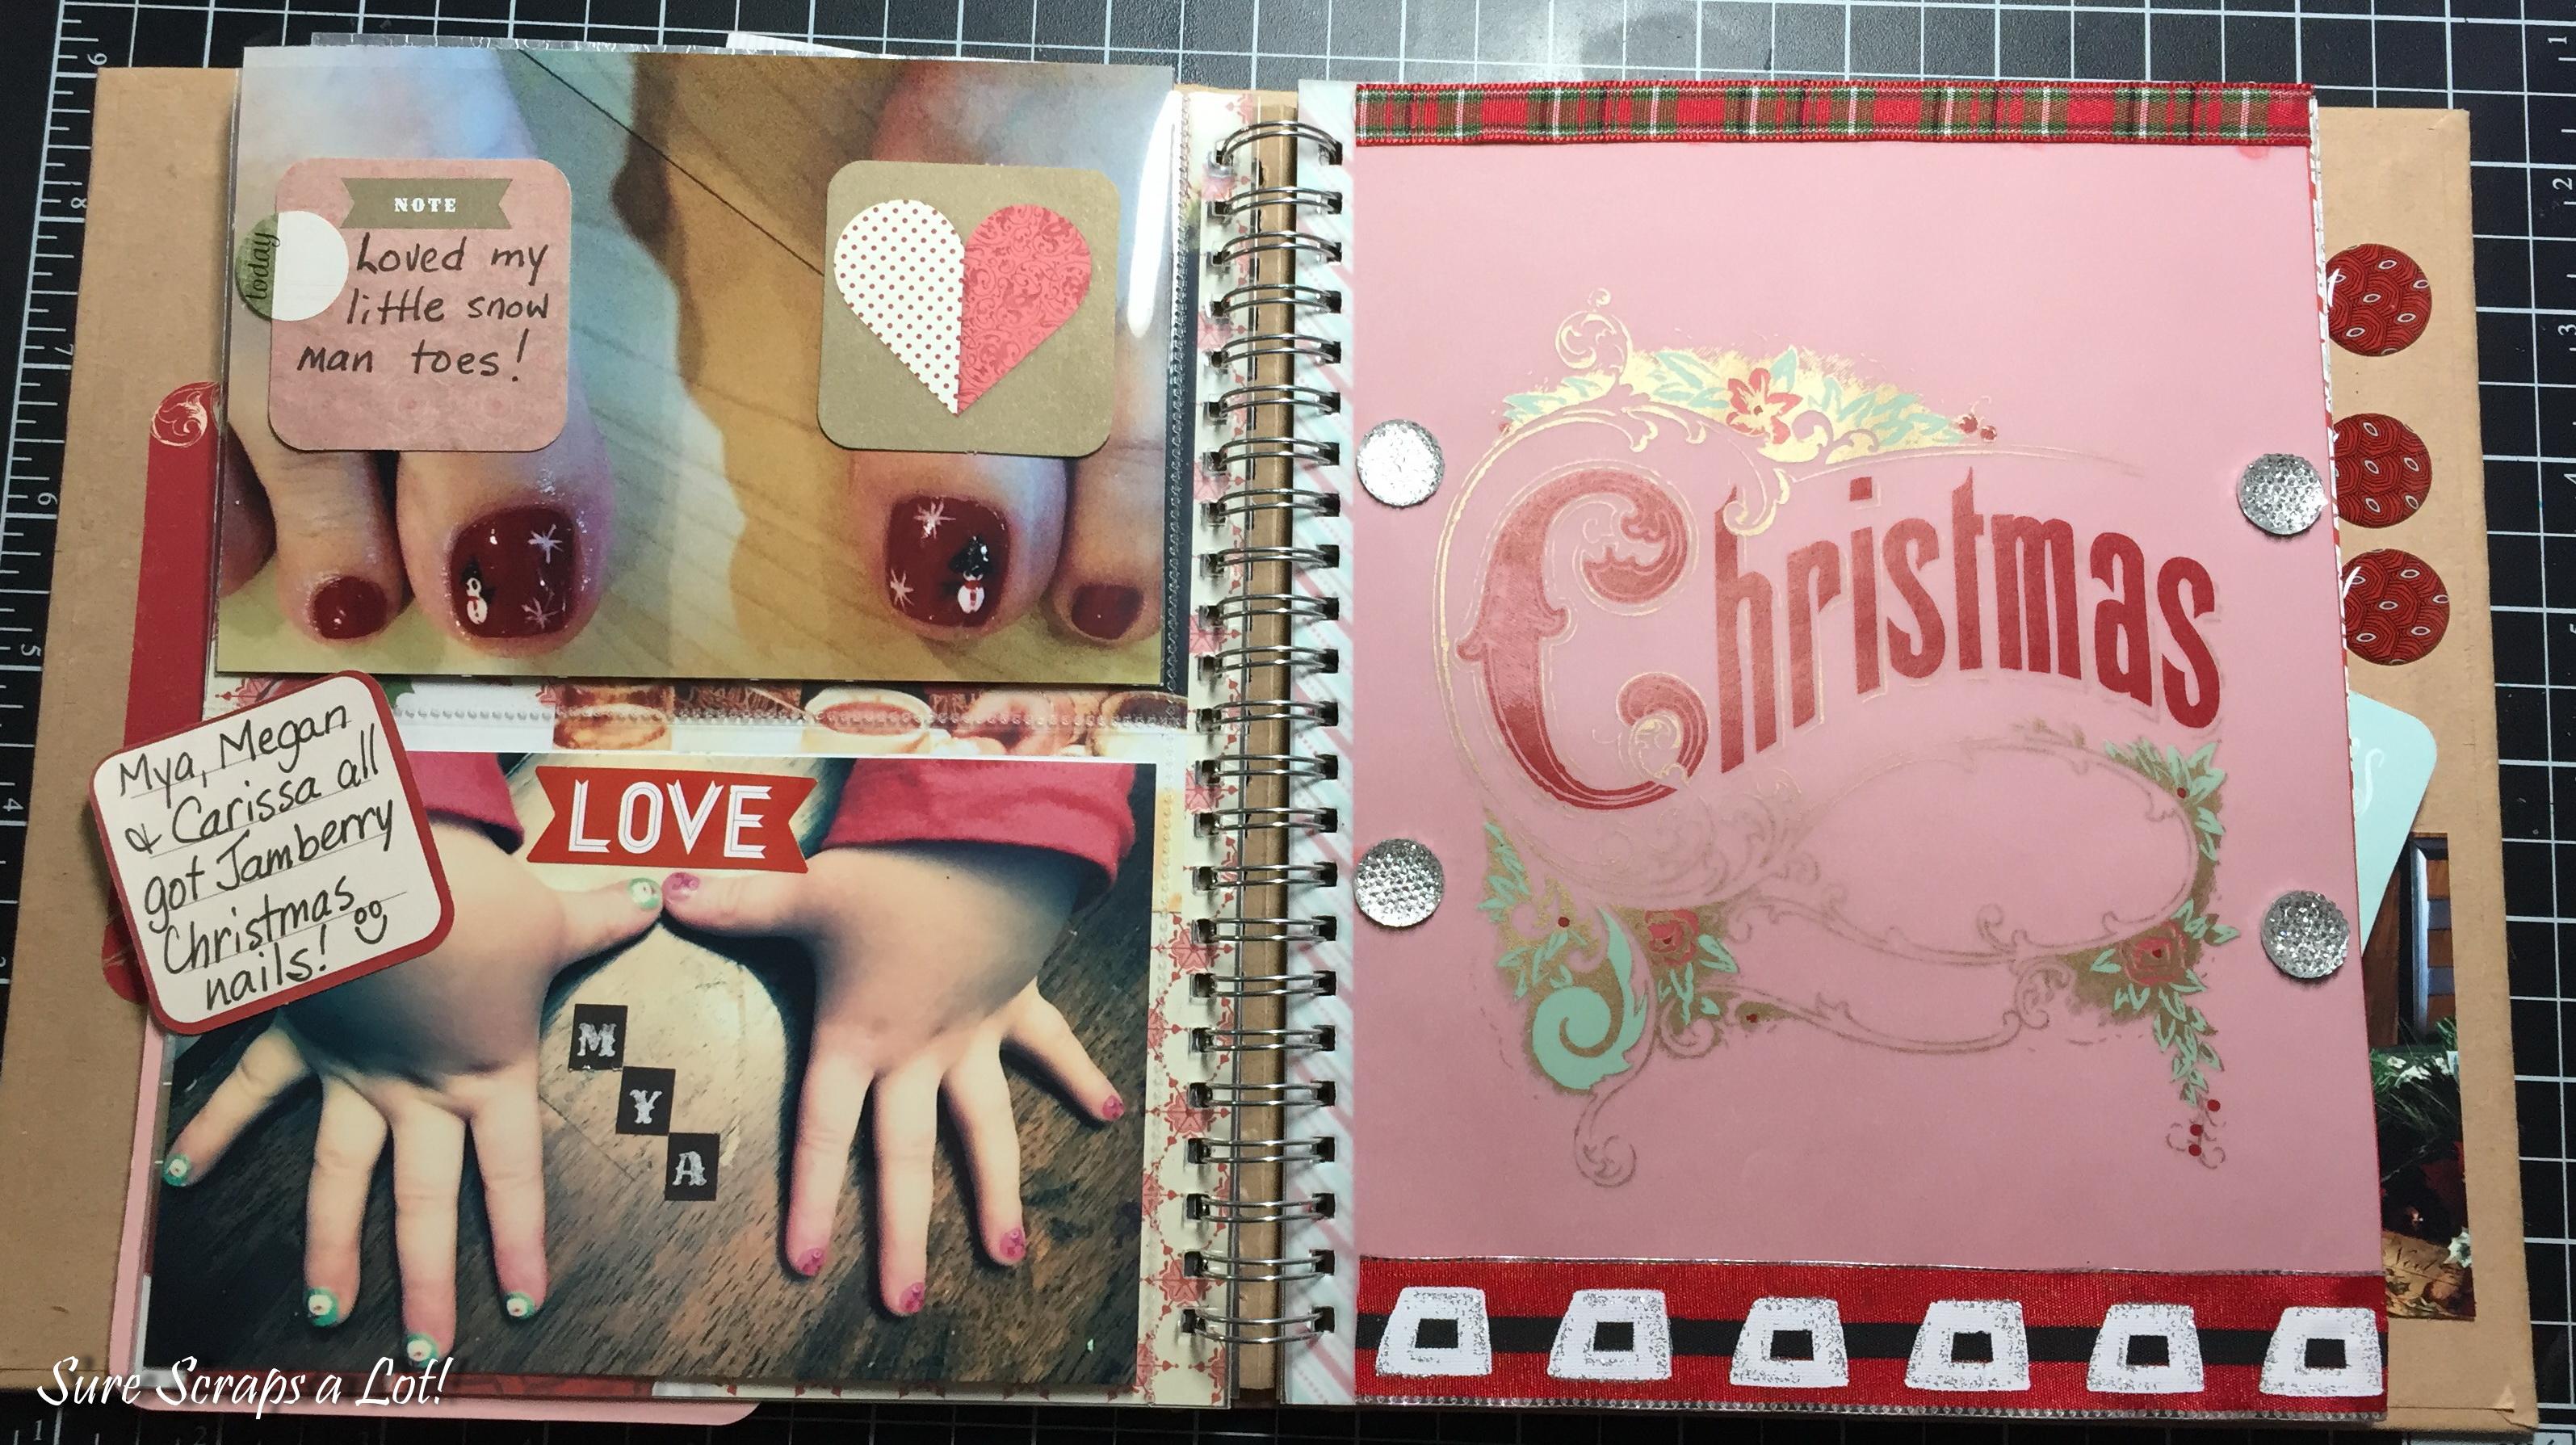 My Crush Christmas 2014 Album